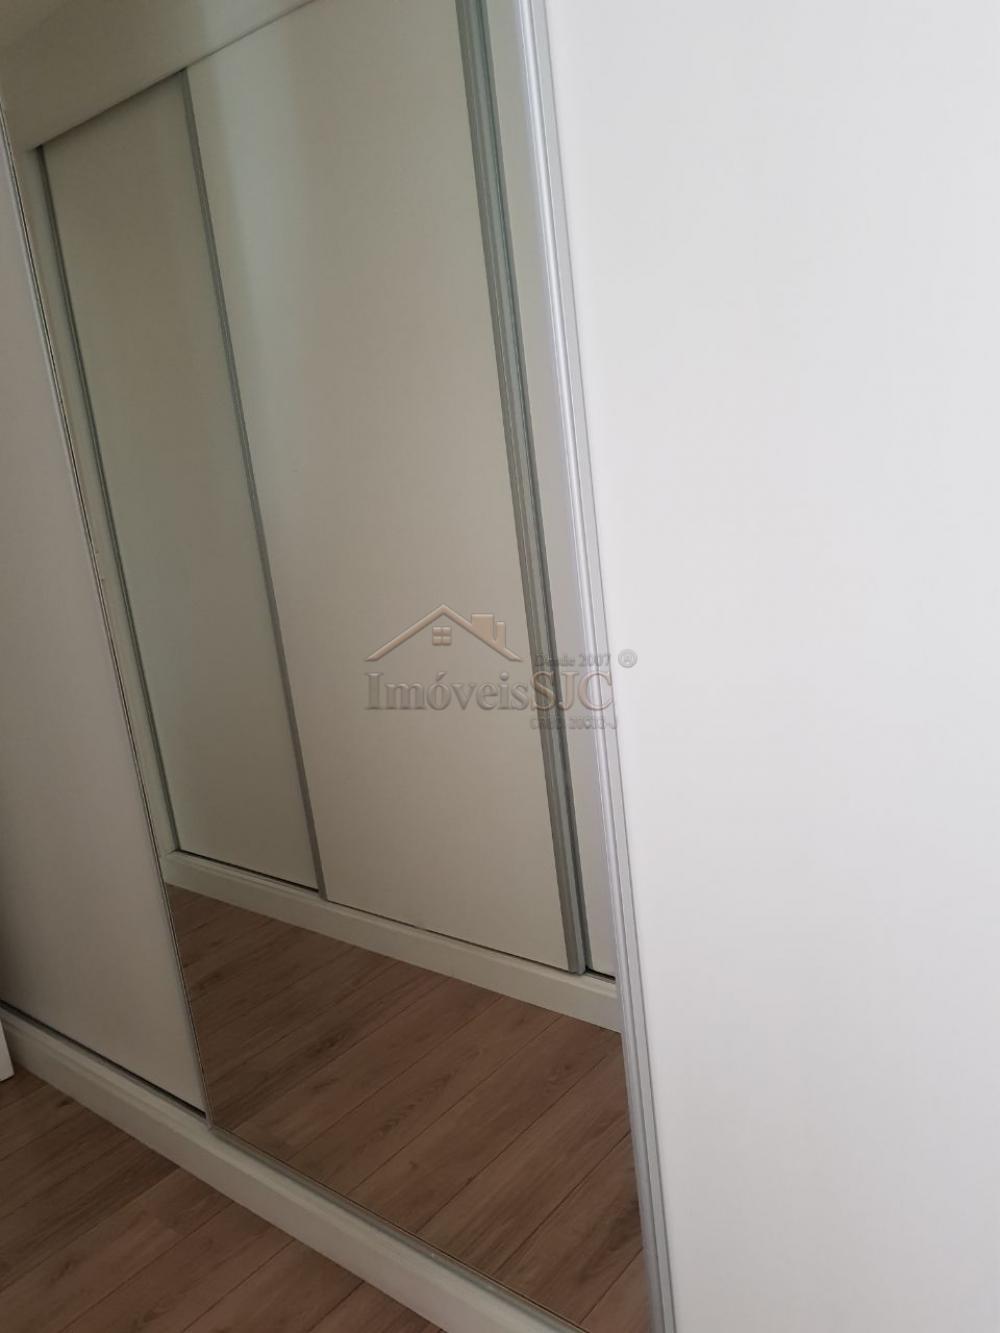 Comprar Apartamentos / Padrão em São José dos Campos apenas R$ 1.450.000,00 - Foto 13